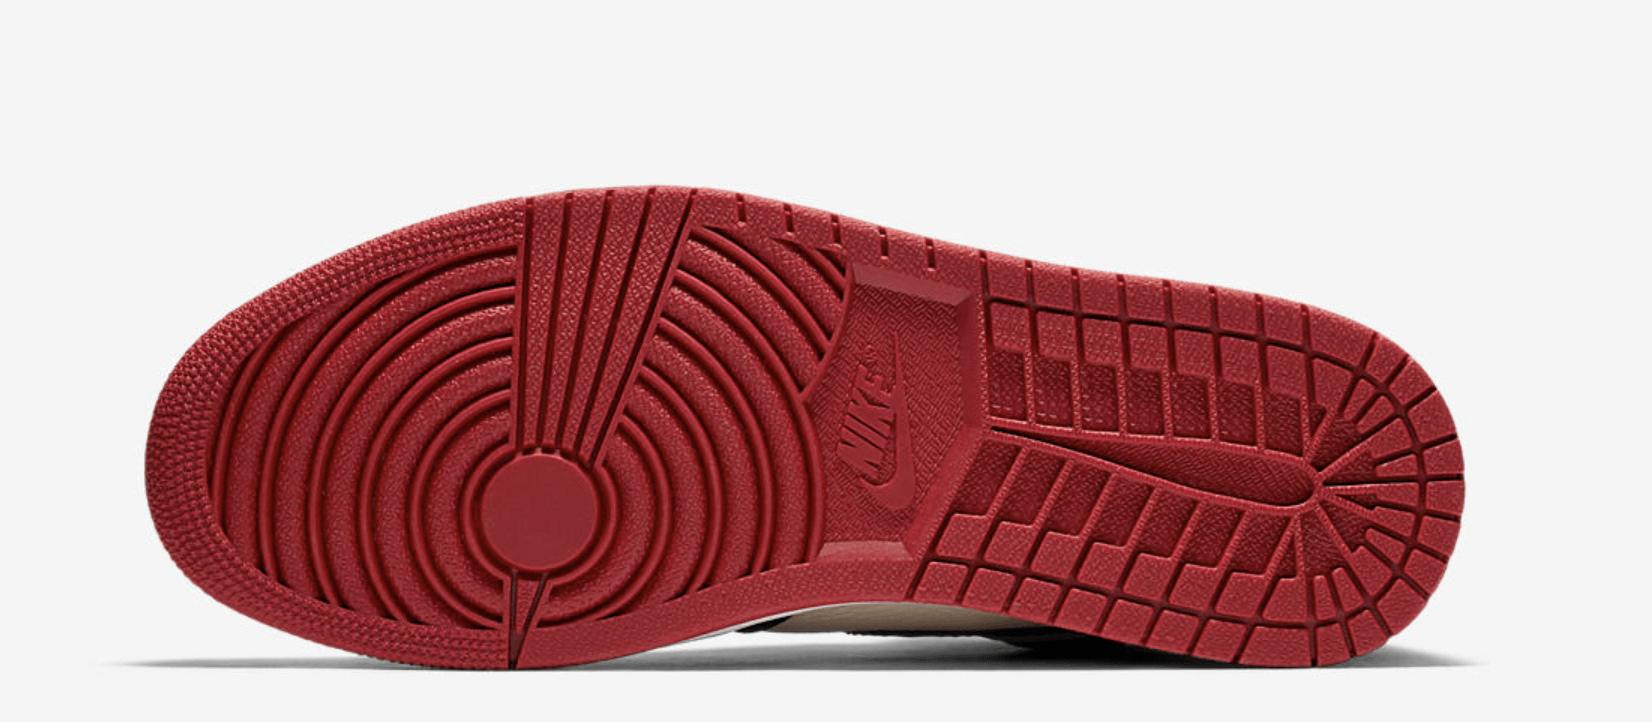 Air Jordan 1 Dedo Del Pie Criados Constructor De Sitio Web Liberación NUNwPVx